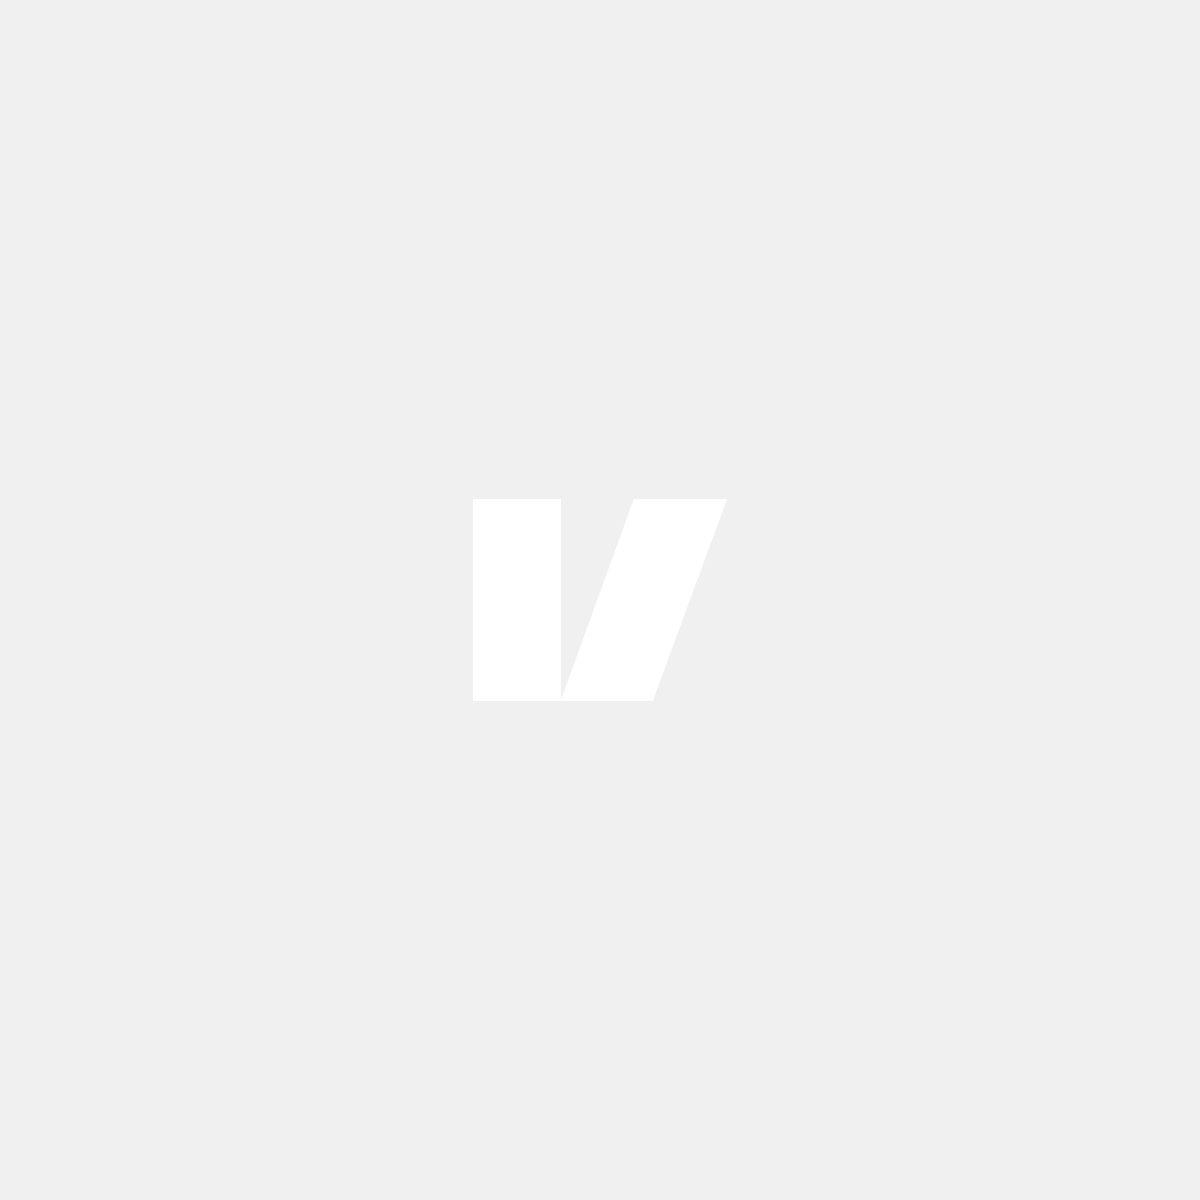 H&R sänkningsfjädersats 35mm, till Volvo 855, V70